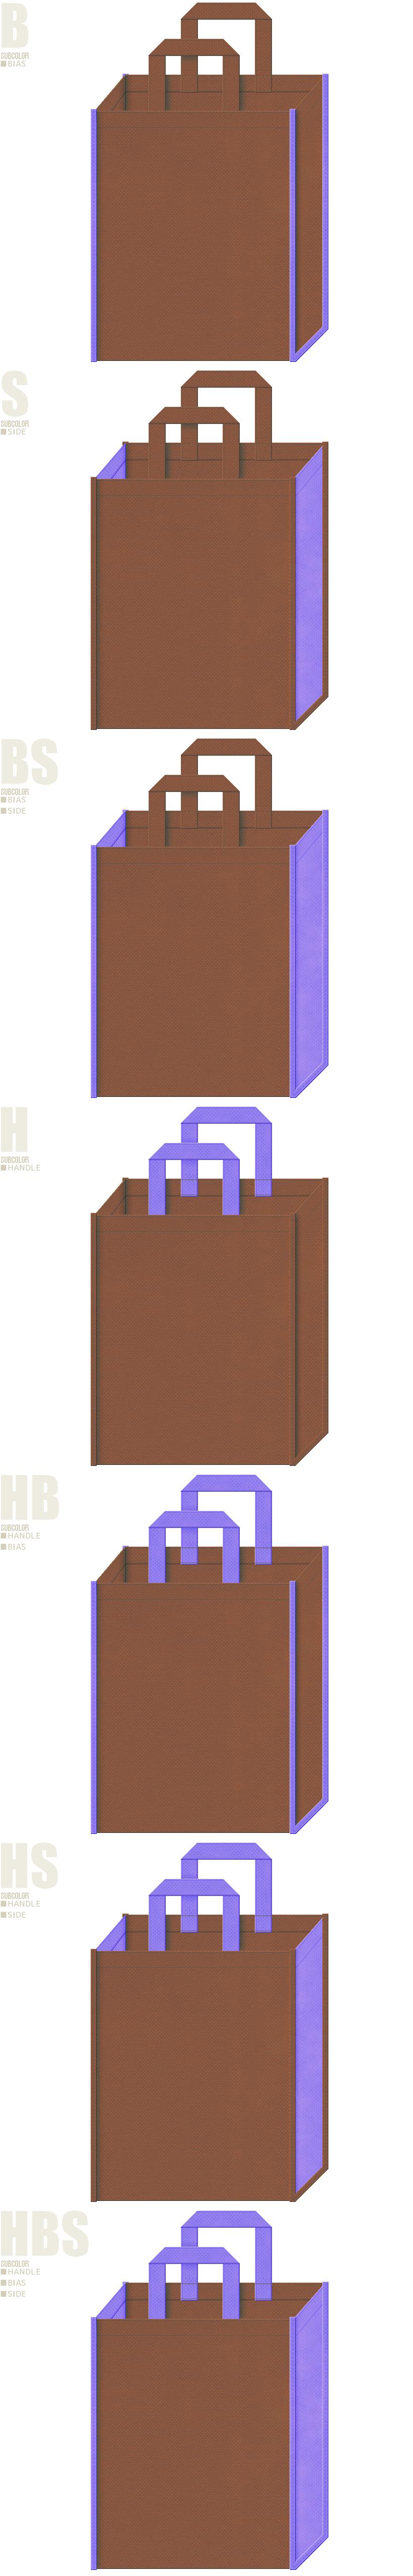 不織布バッグのデザイン:茶色と薄紫色の配色7パターン